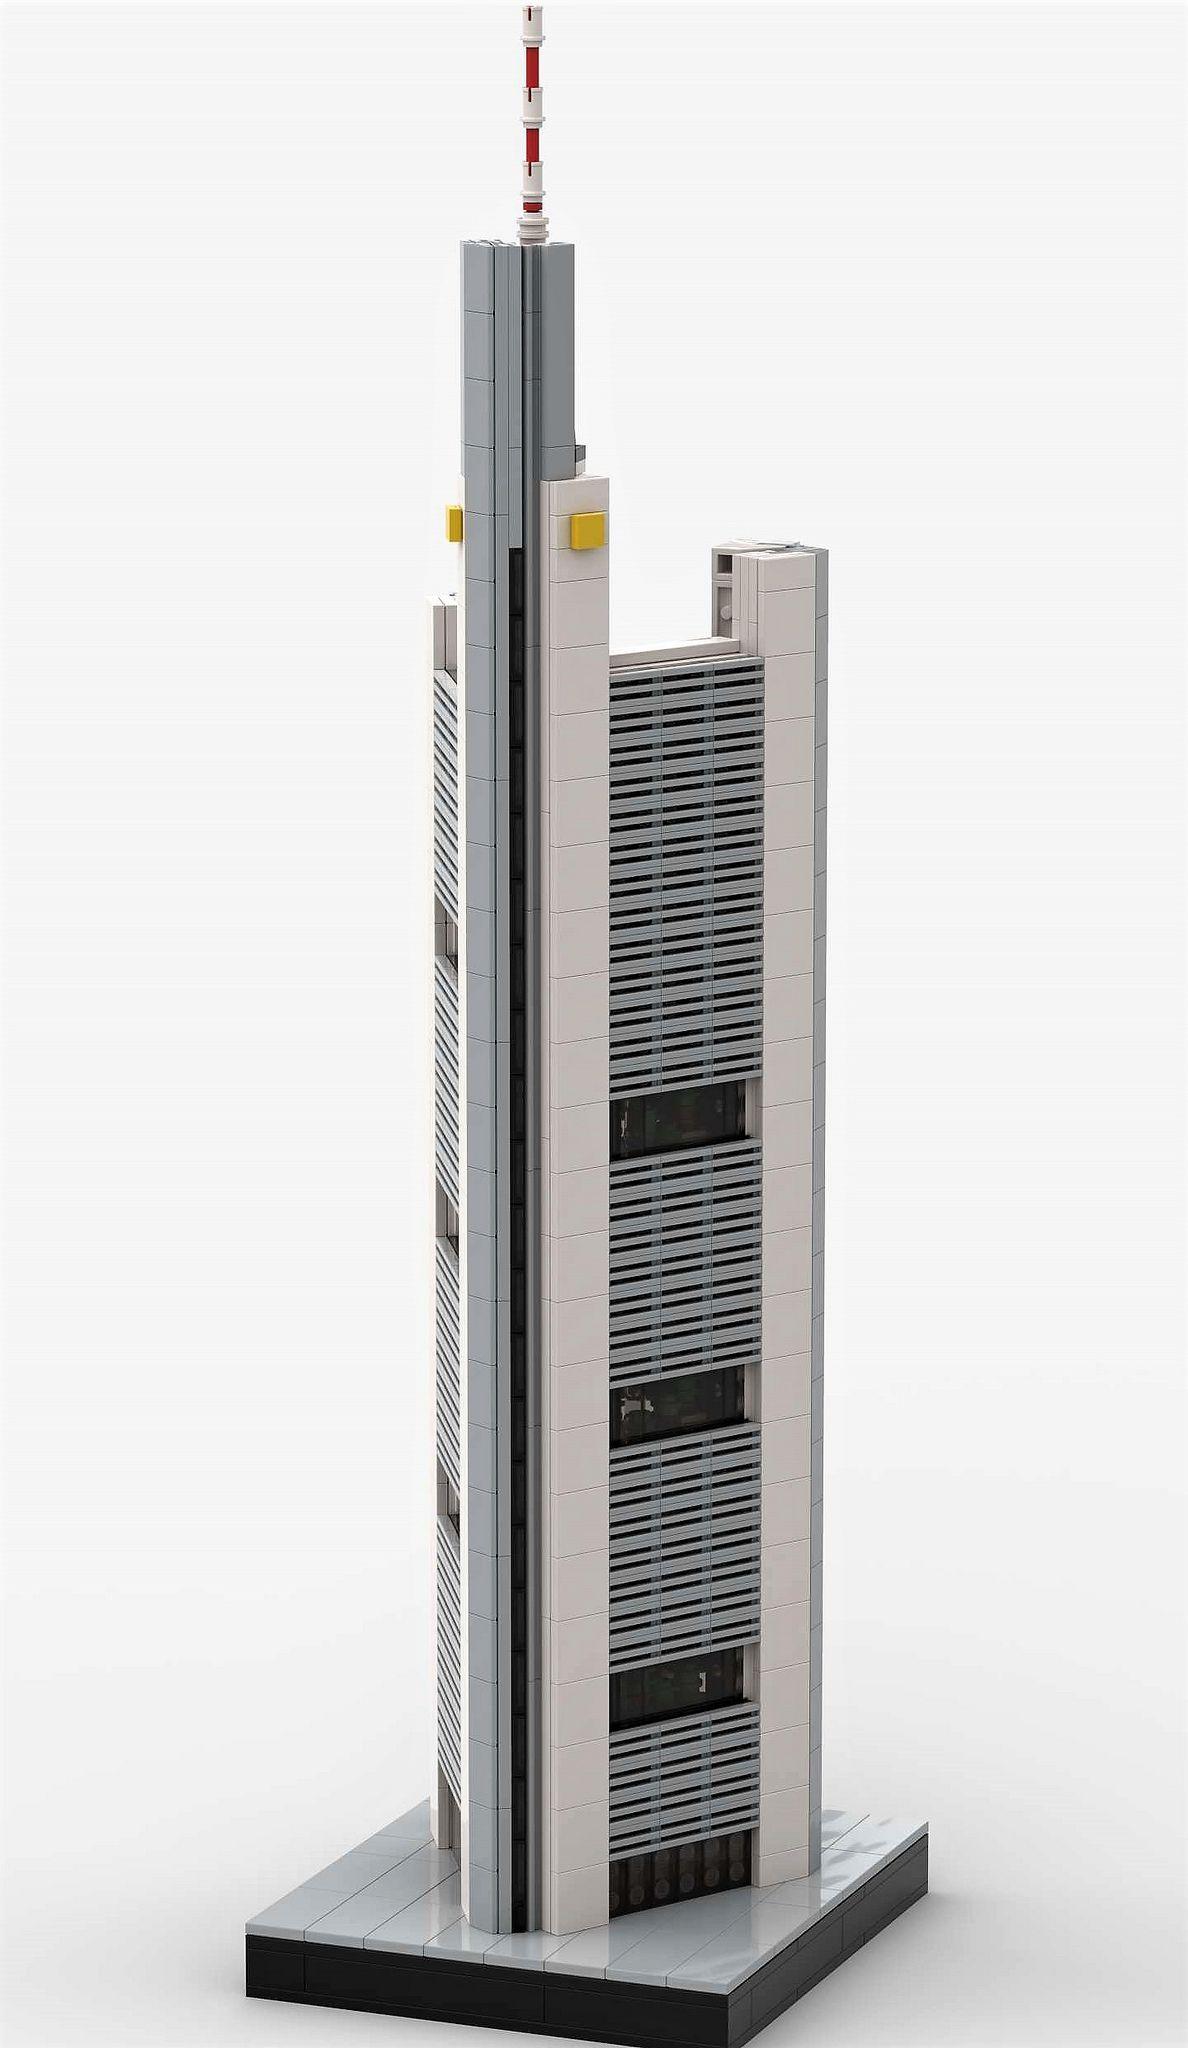 Commerzbank Tower Lego Architecture Norman Foster Skyscraper Architecture